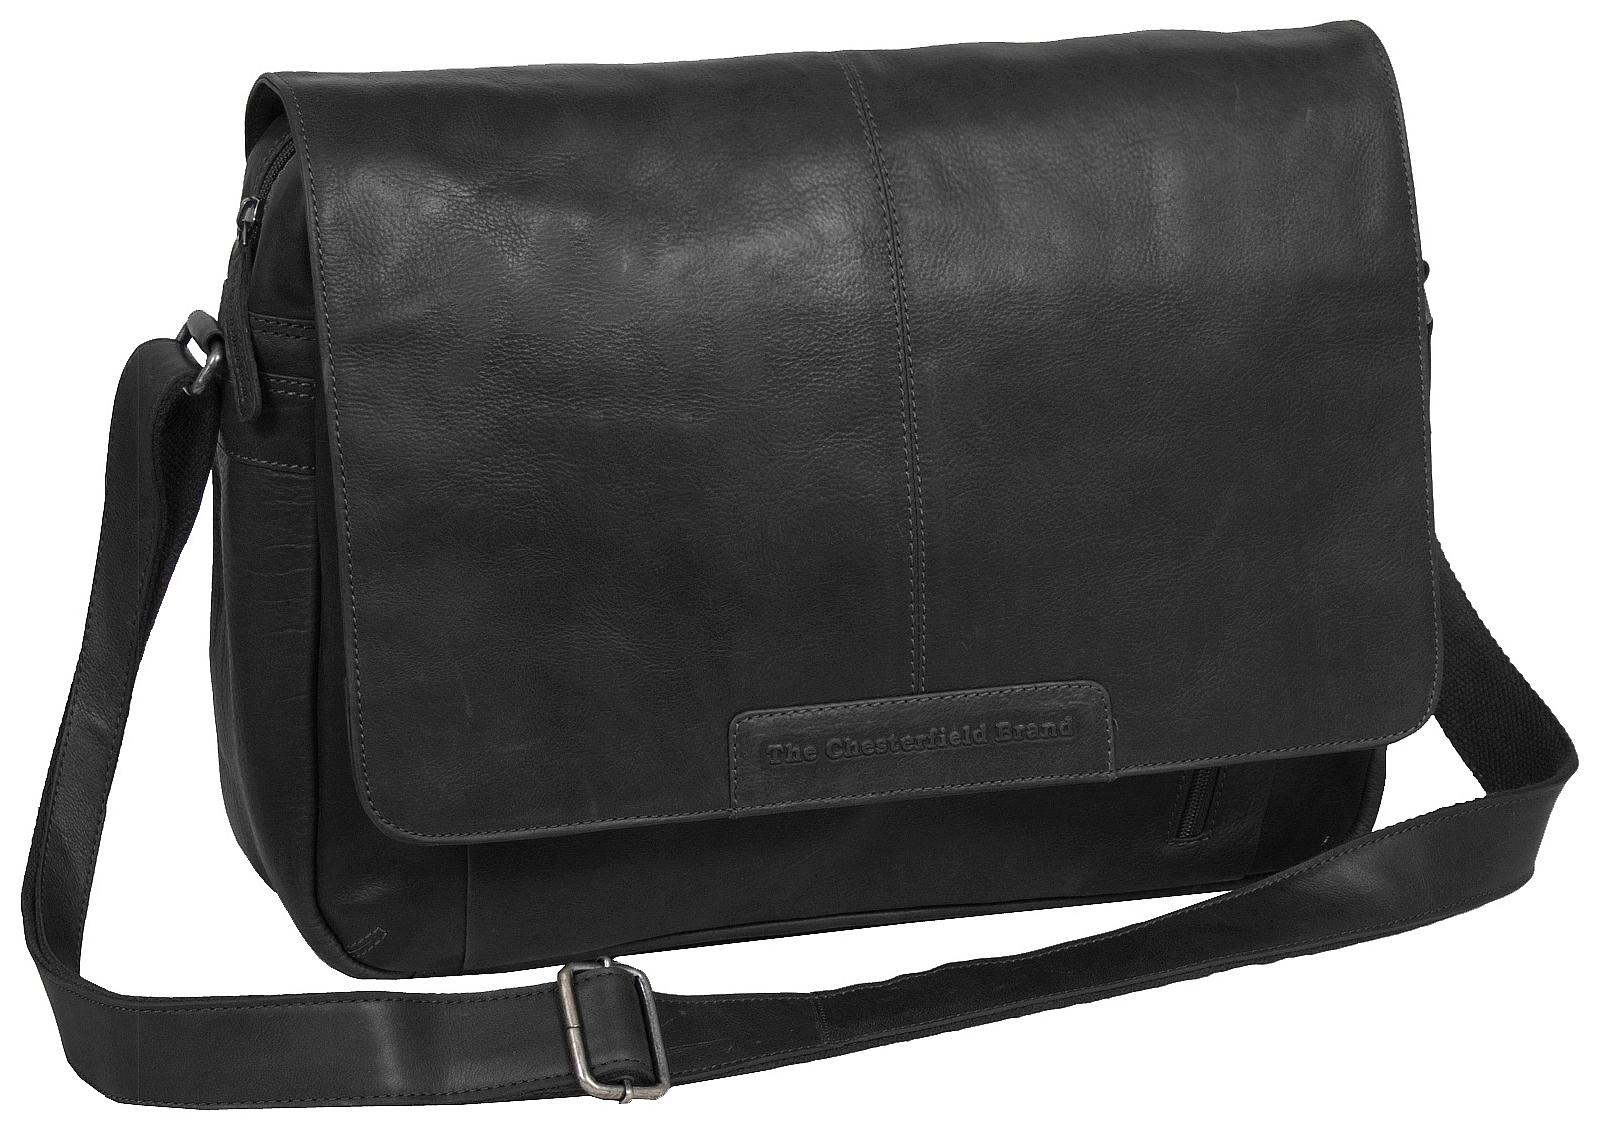 The Chesterfield Brand Kožená crossbody taška na notebook C48.055200 Richard černá